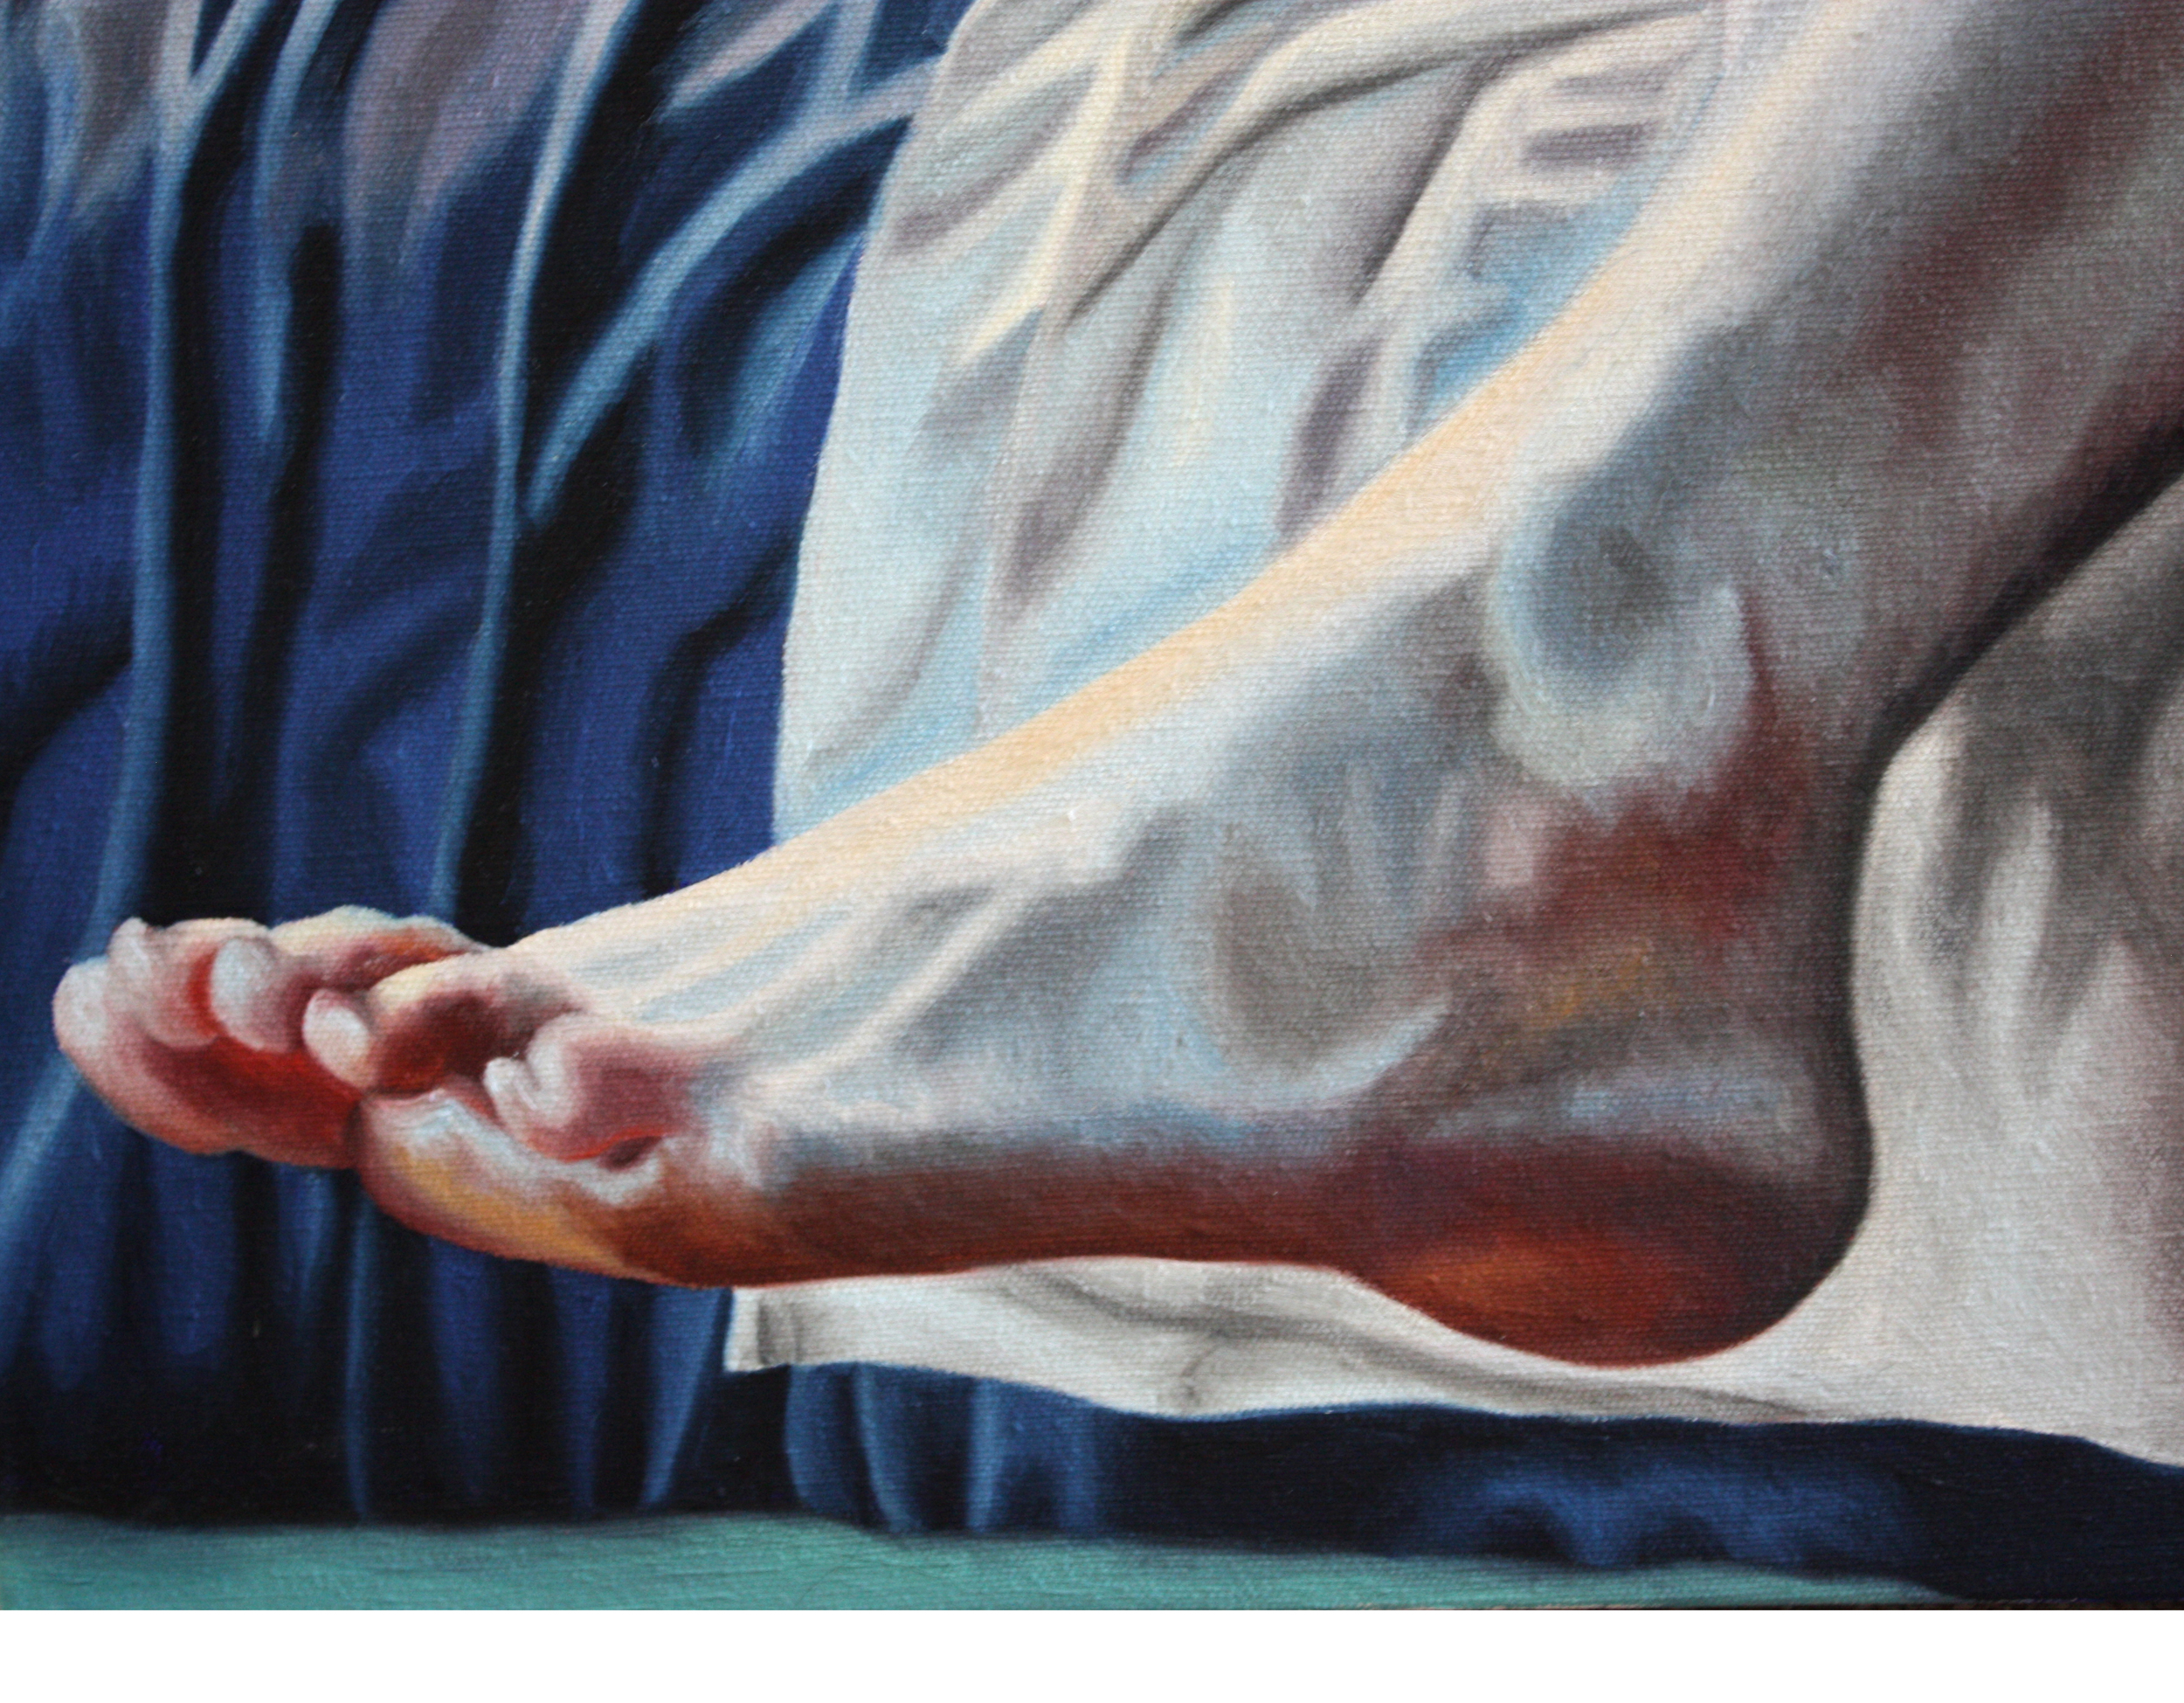 Detail of Tati's foot